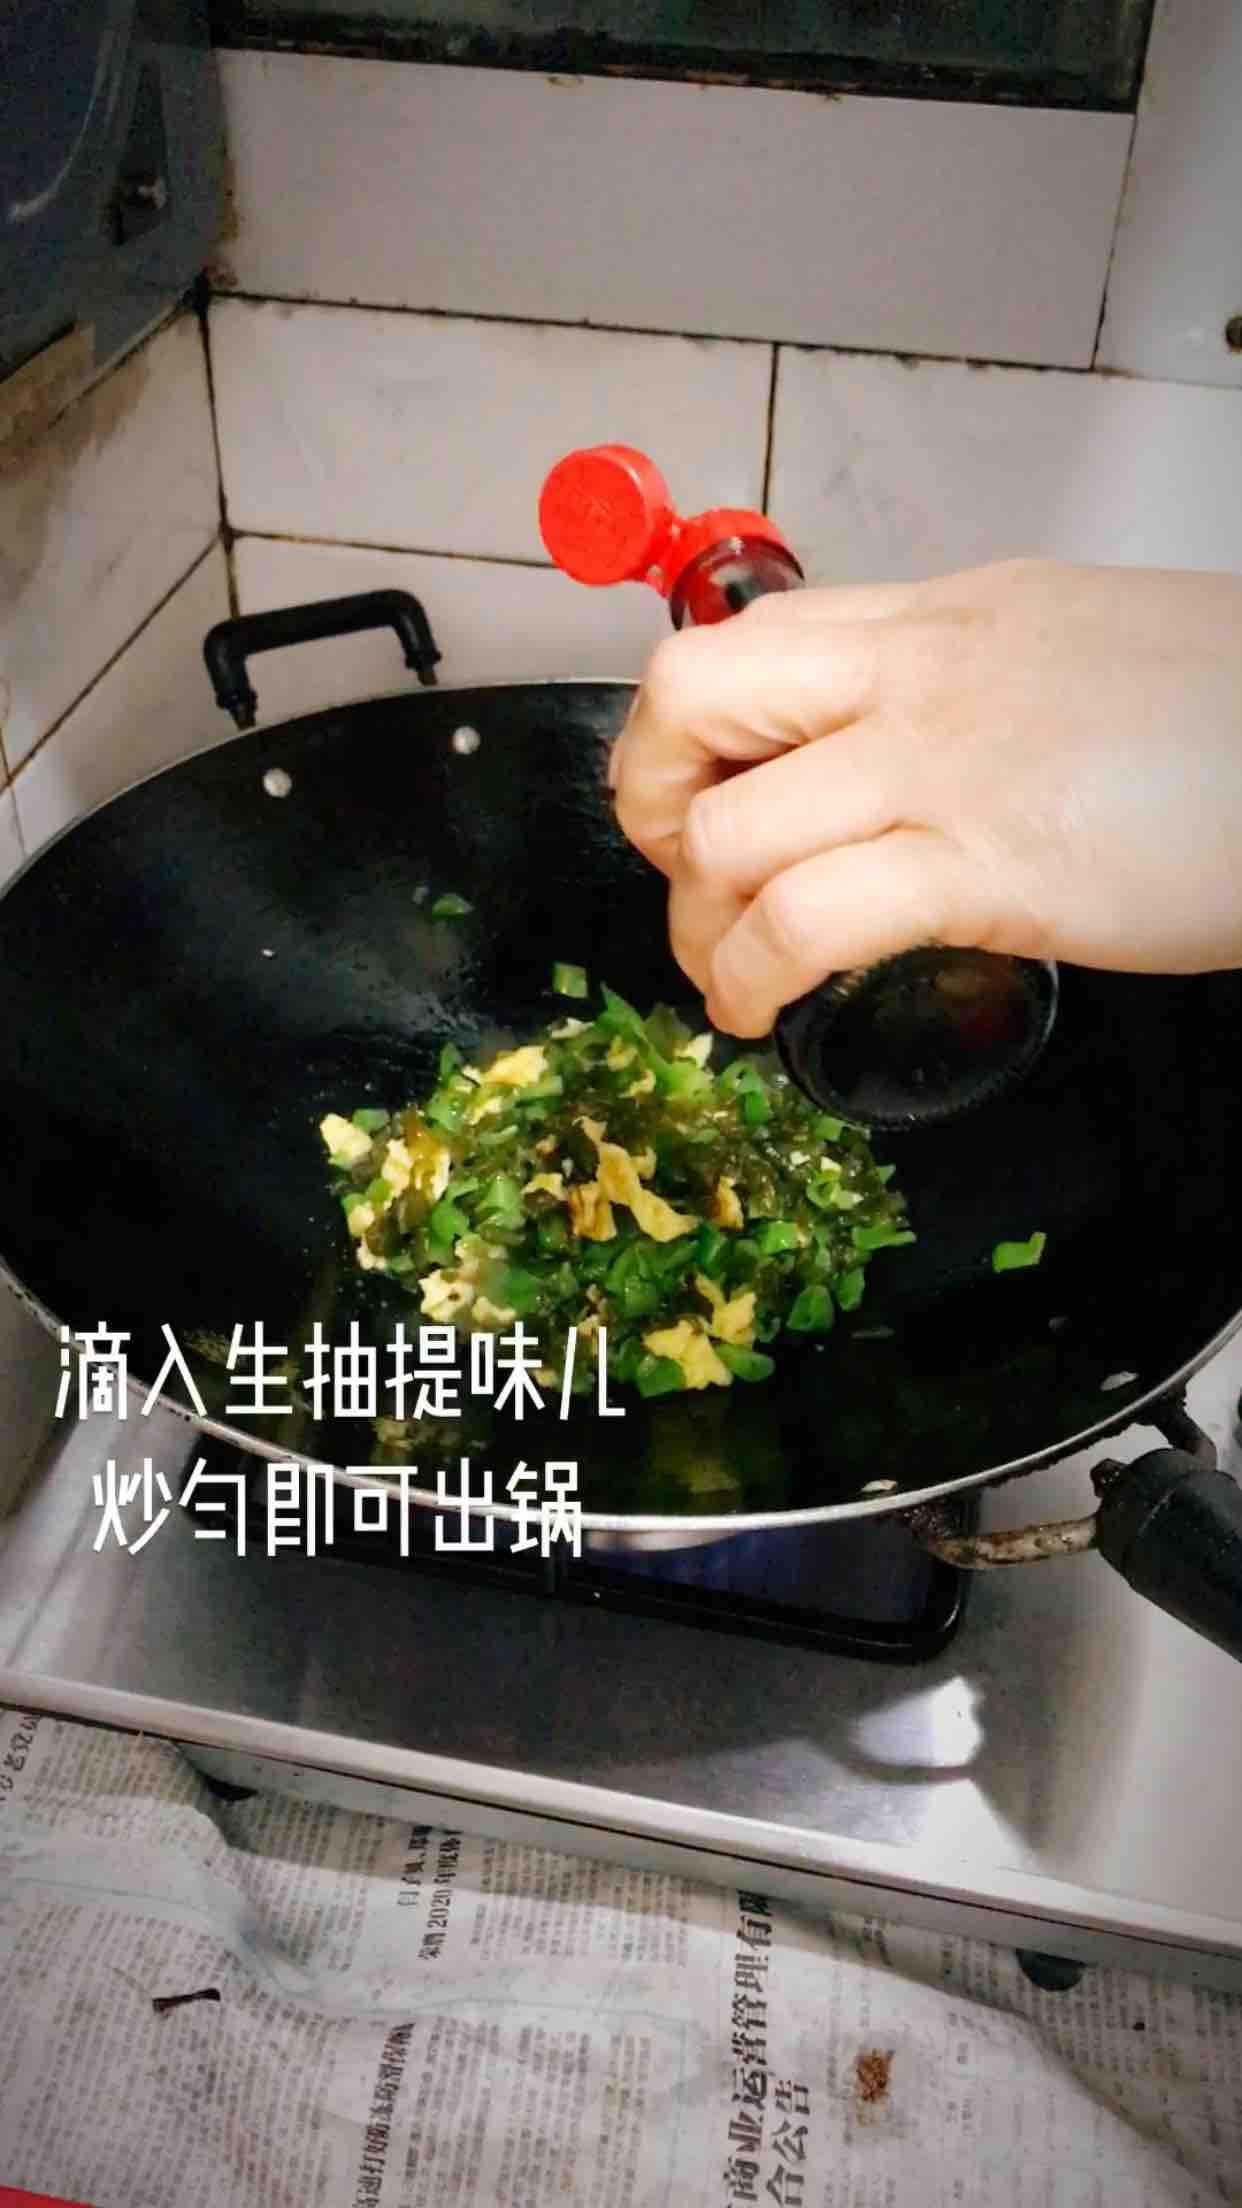 地皮菜炒鸡蛋的步骤